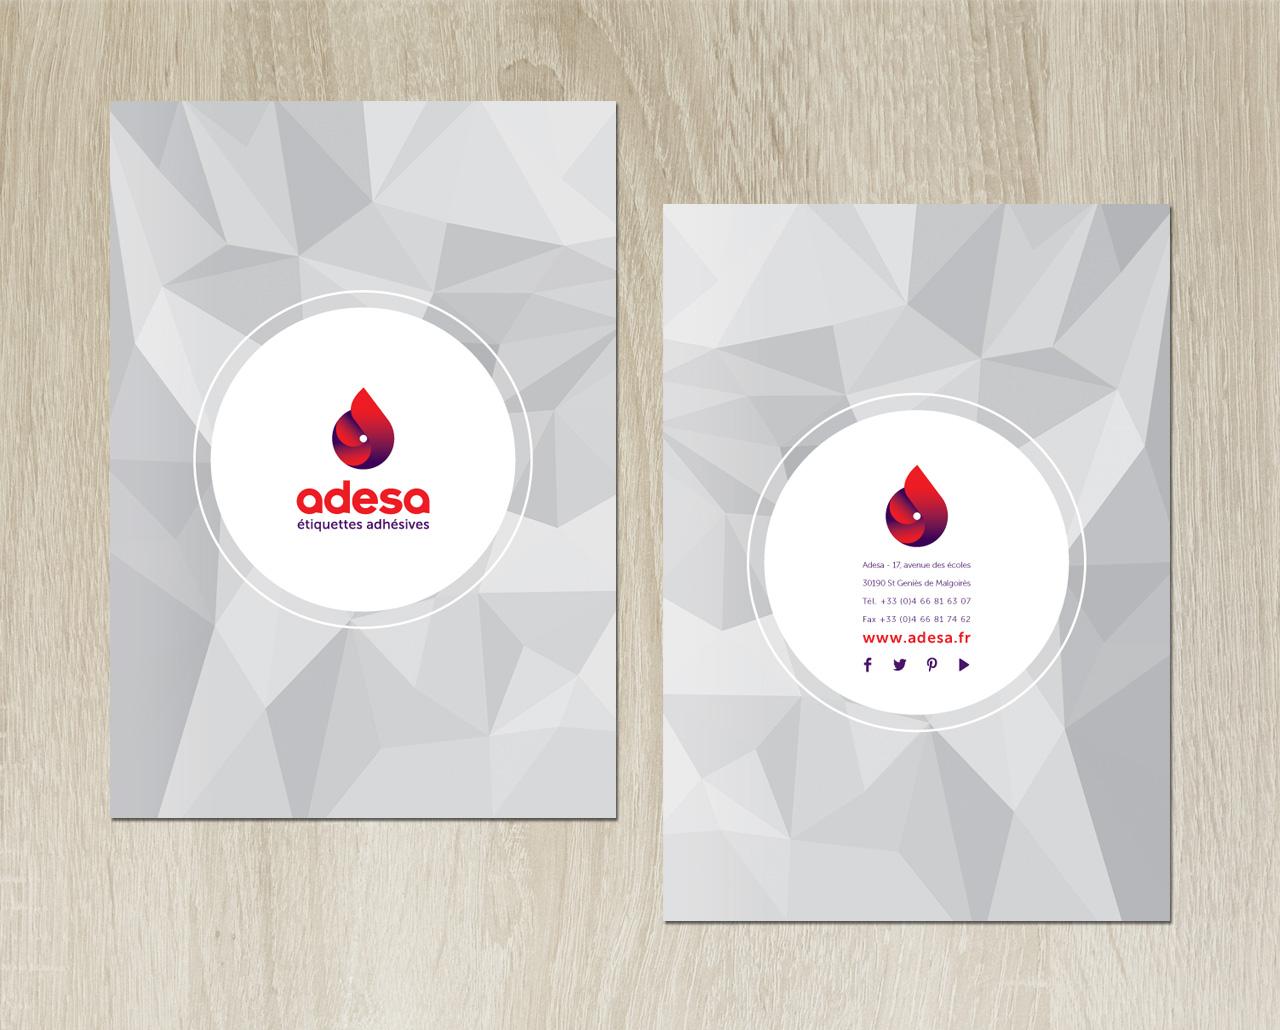 adesa-plaquette-globale-couverture-creation-communication-caconcept-alexis-cretin-graphiste